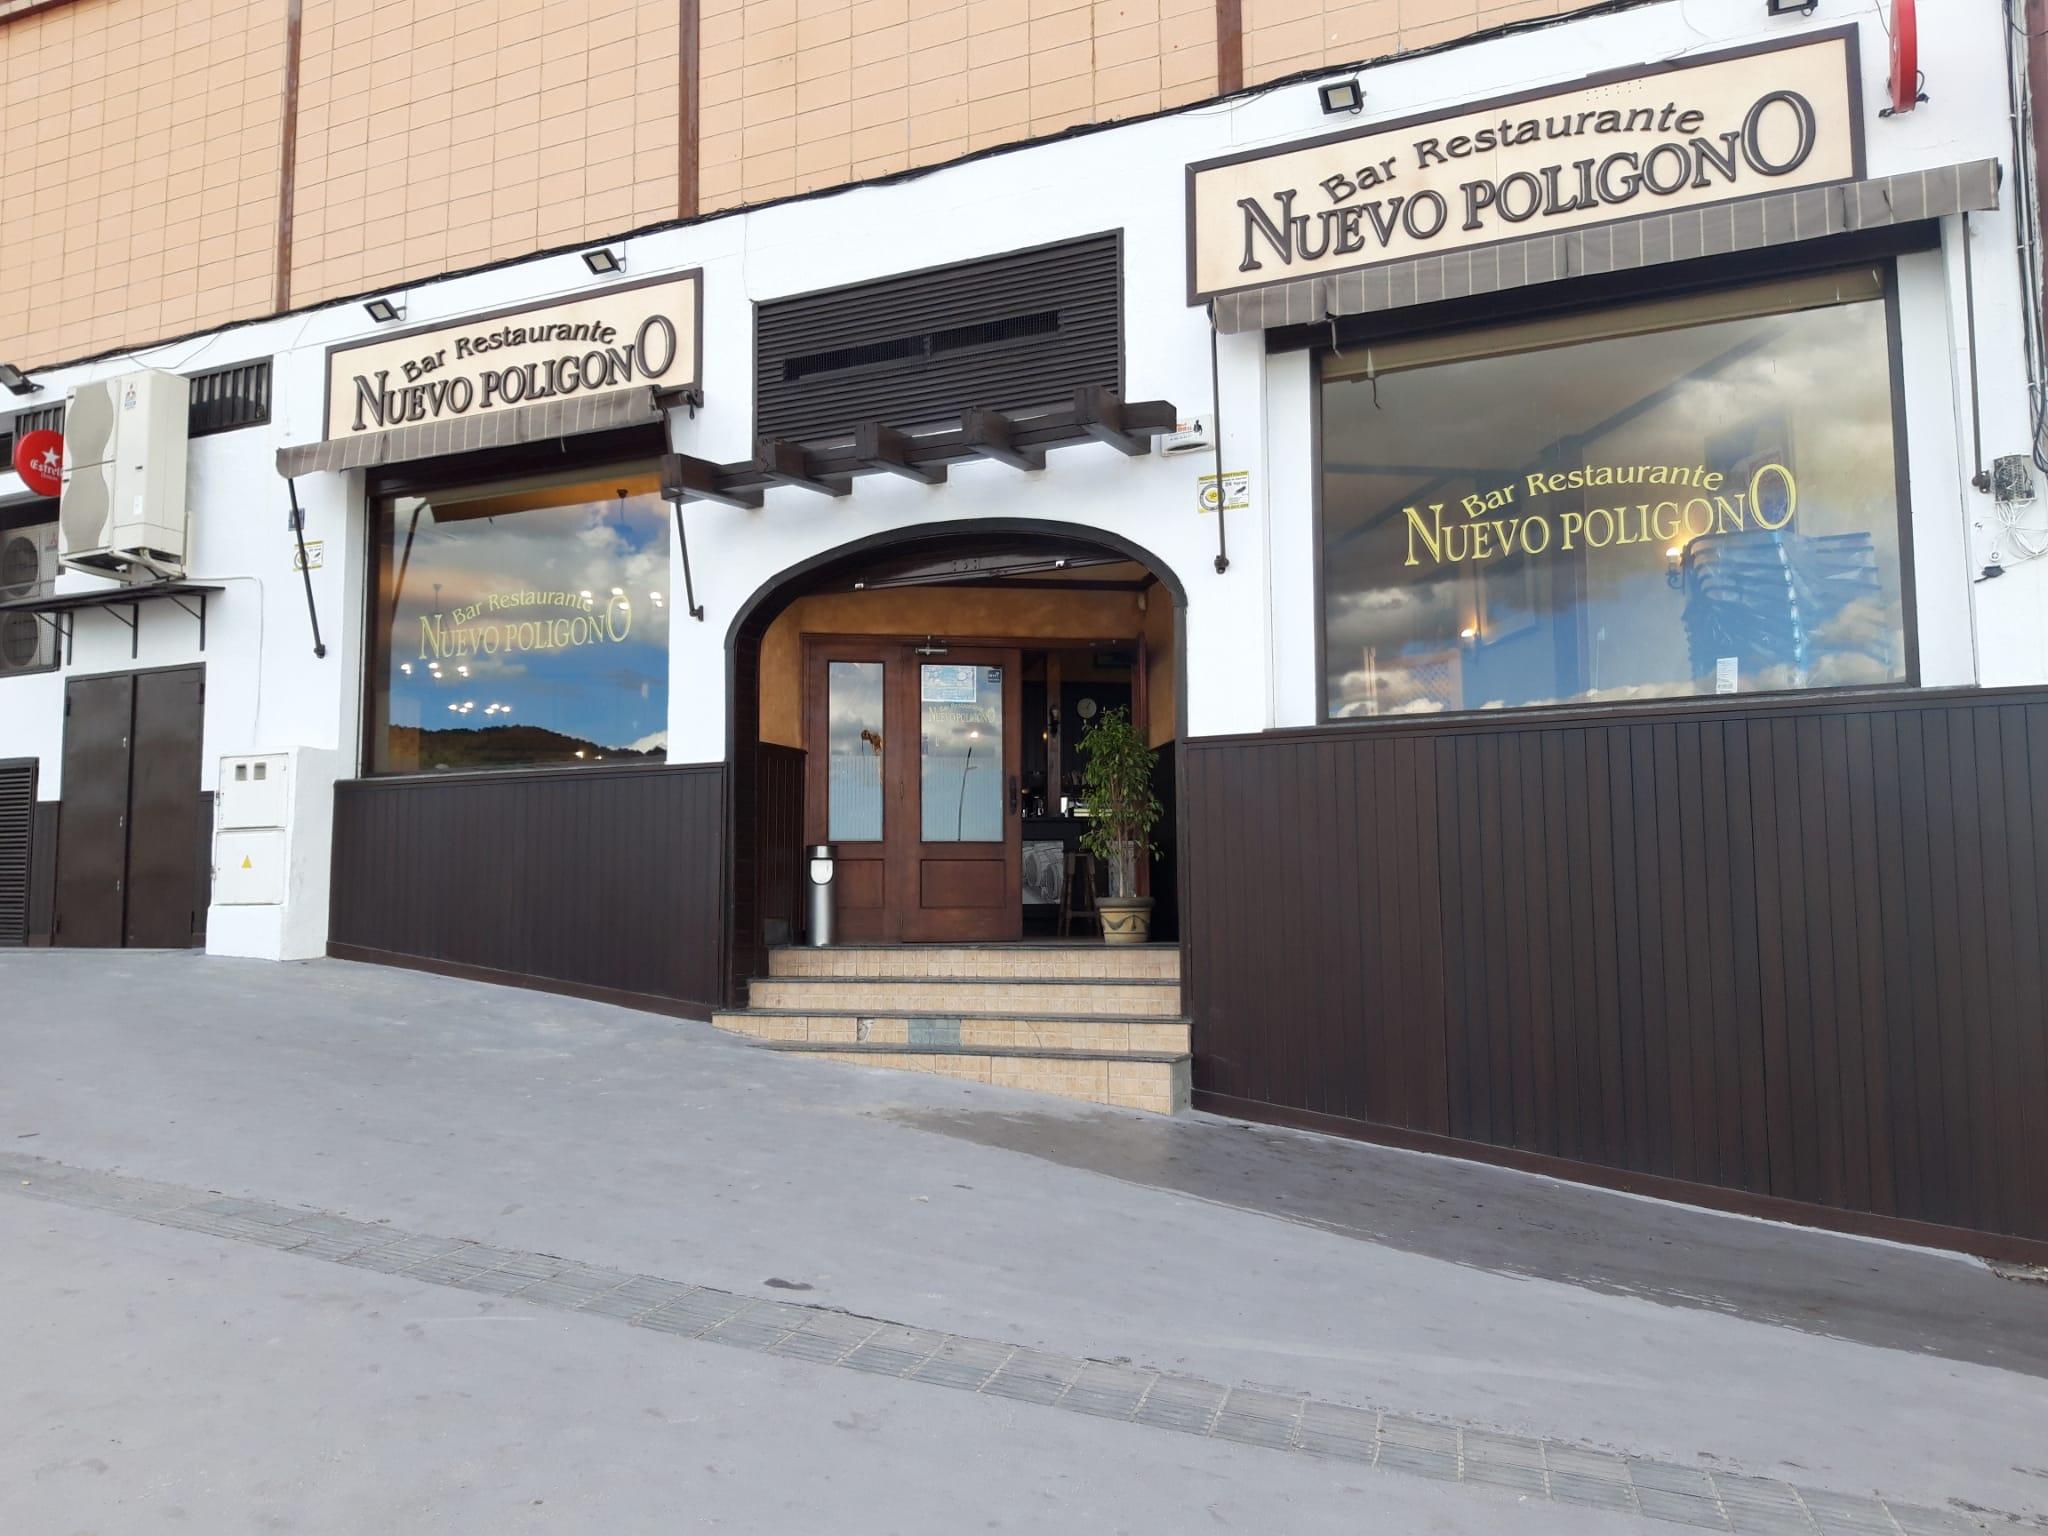 Restaurante Nuevo Poligono